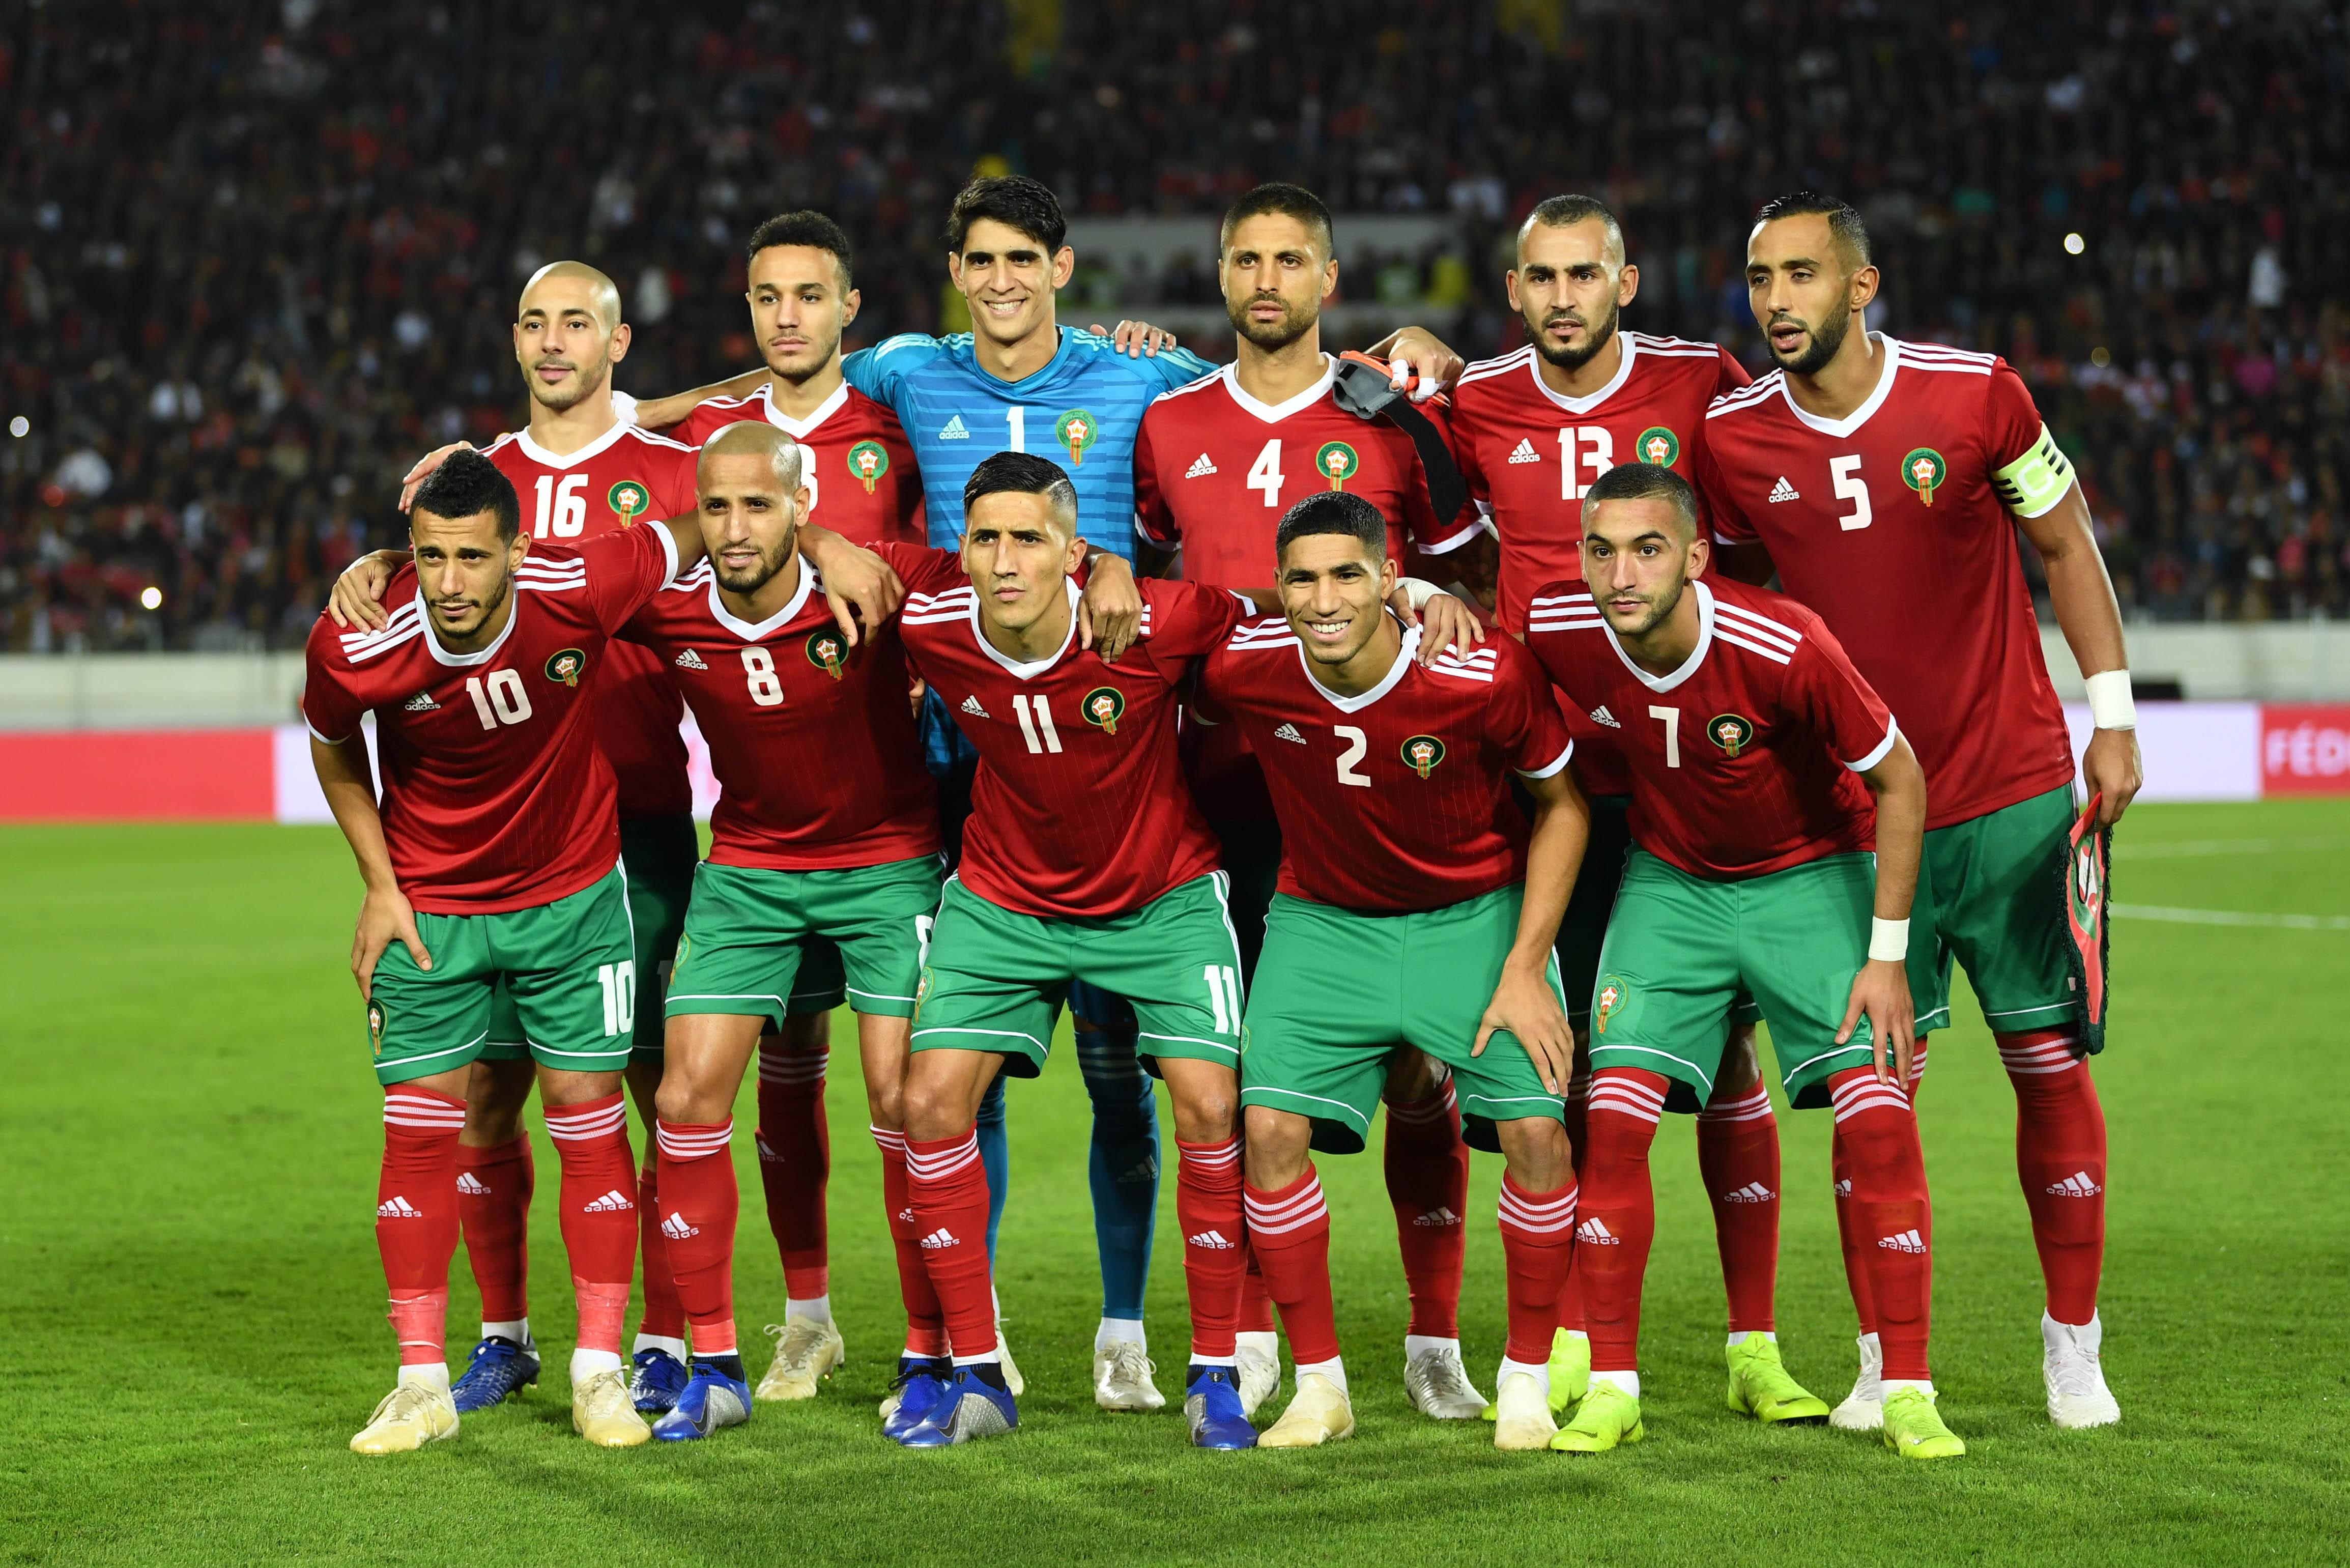 رسميا .. المنتخب المغربي يتأهل لنهائيات أمم افريقيا 2019